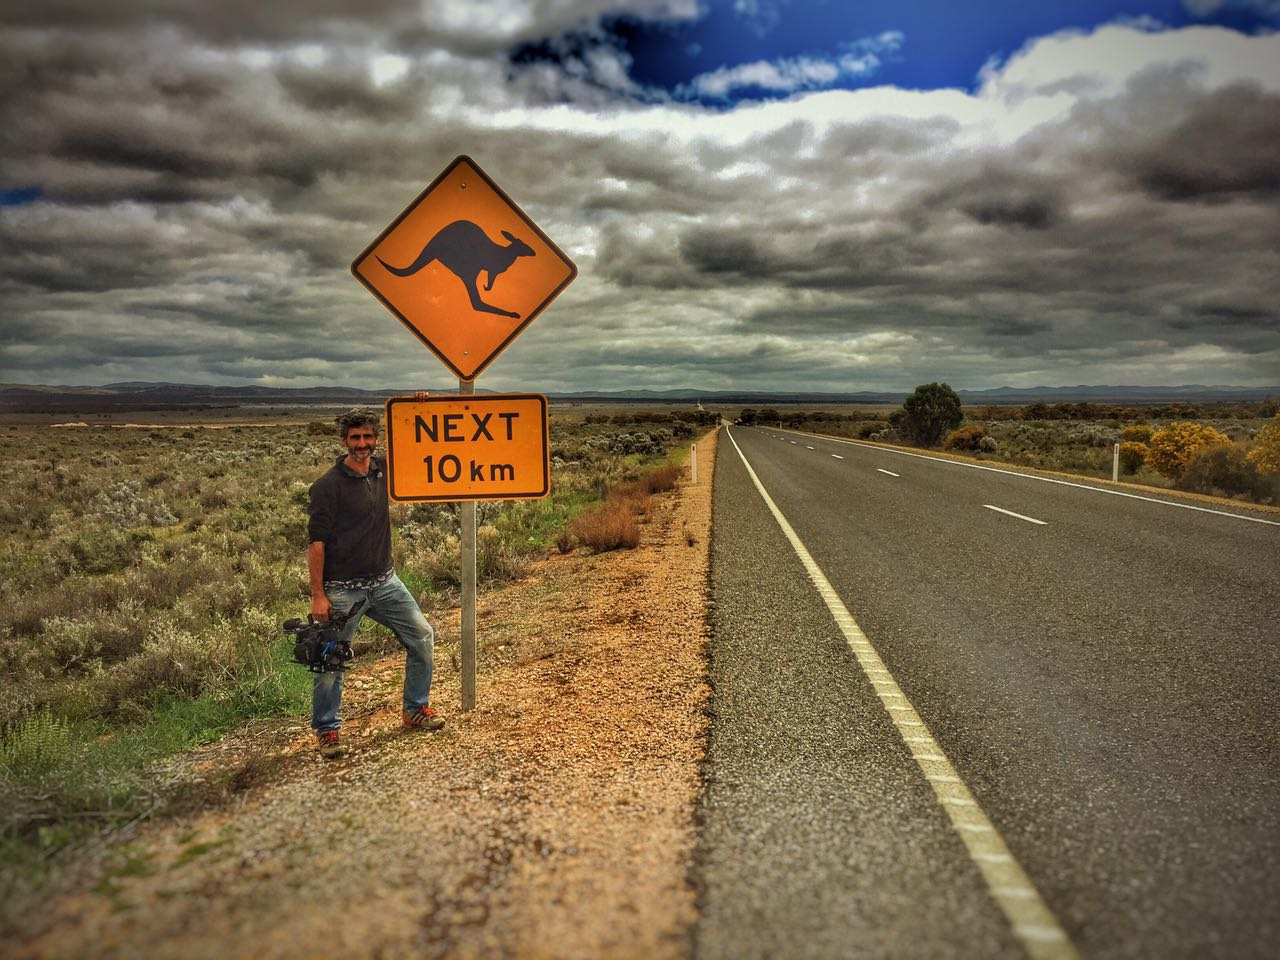 José Ligero con su cámara en un Australia